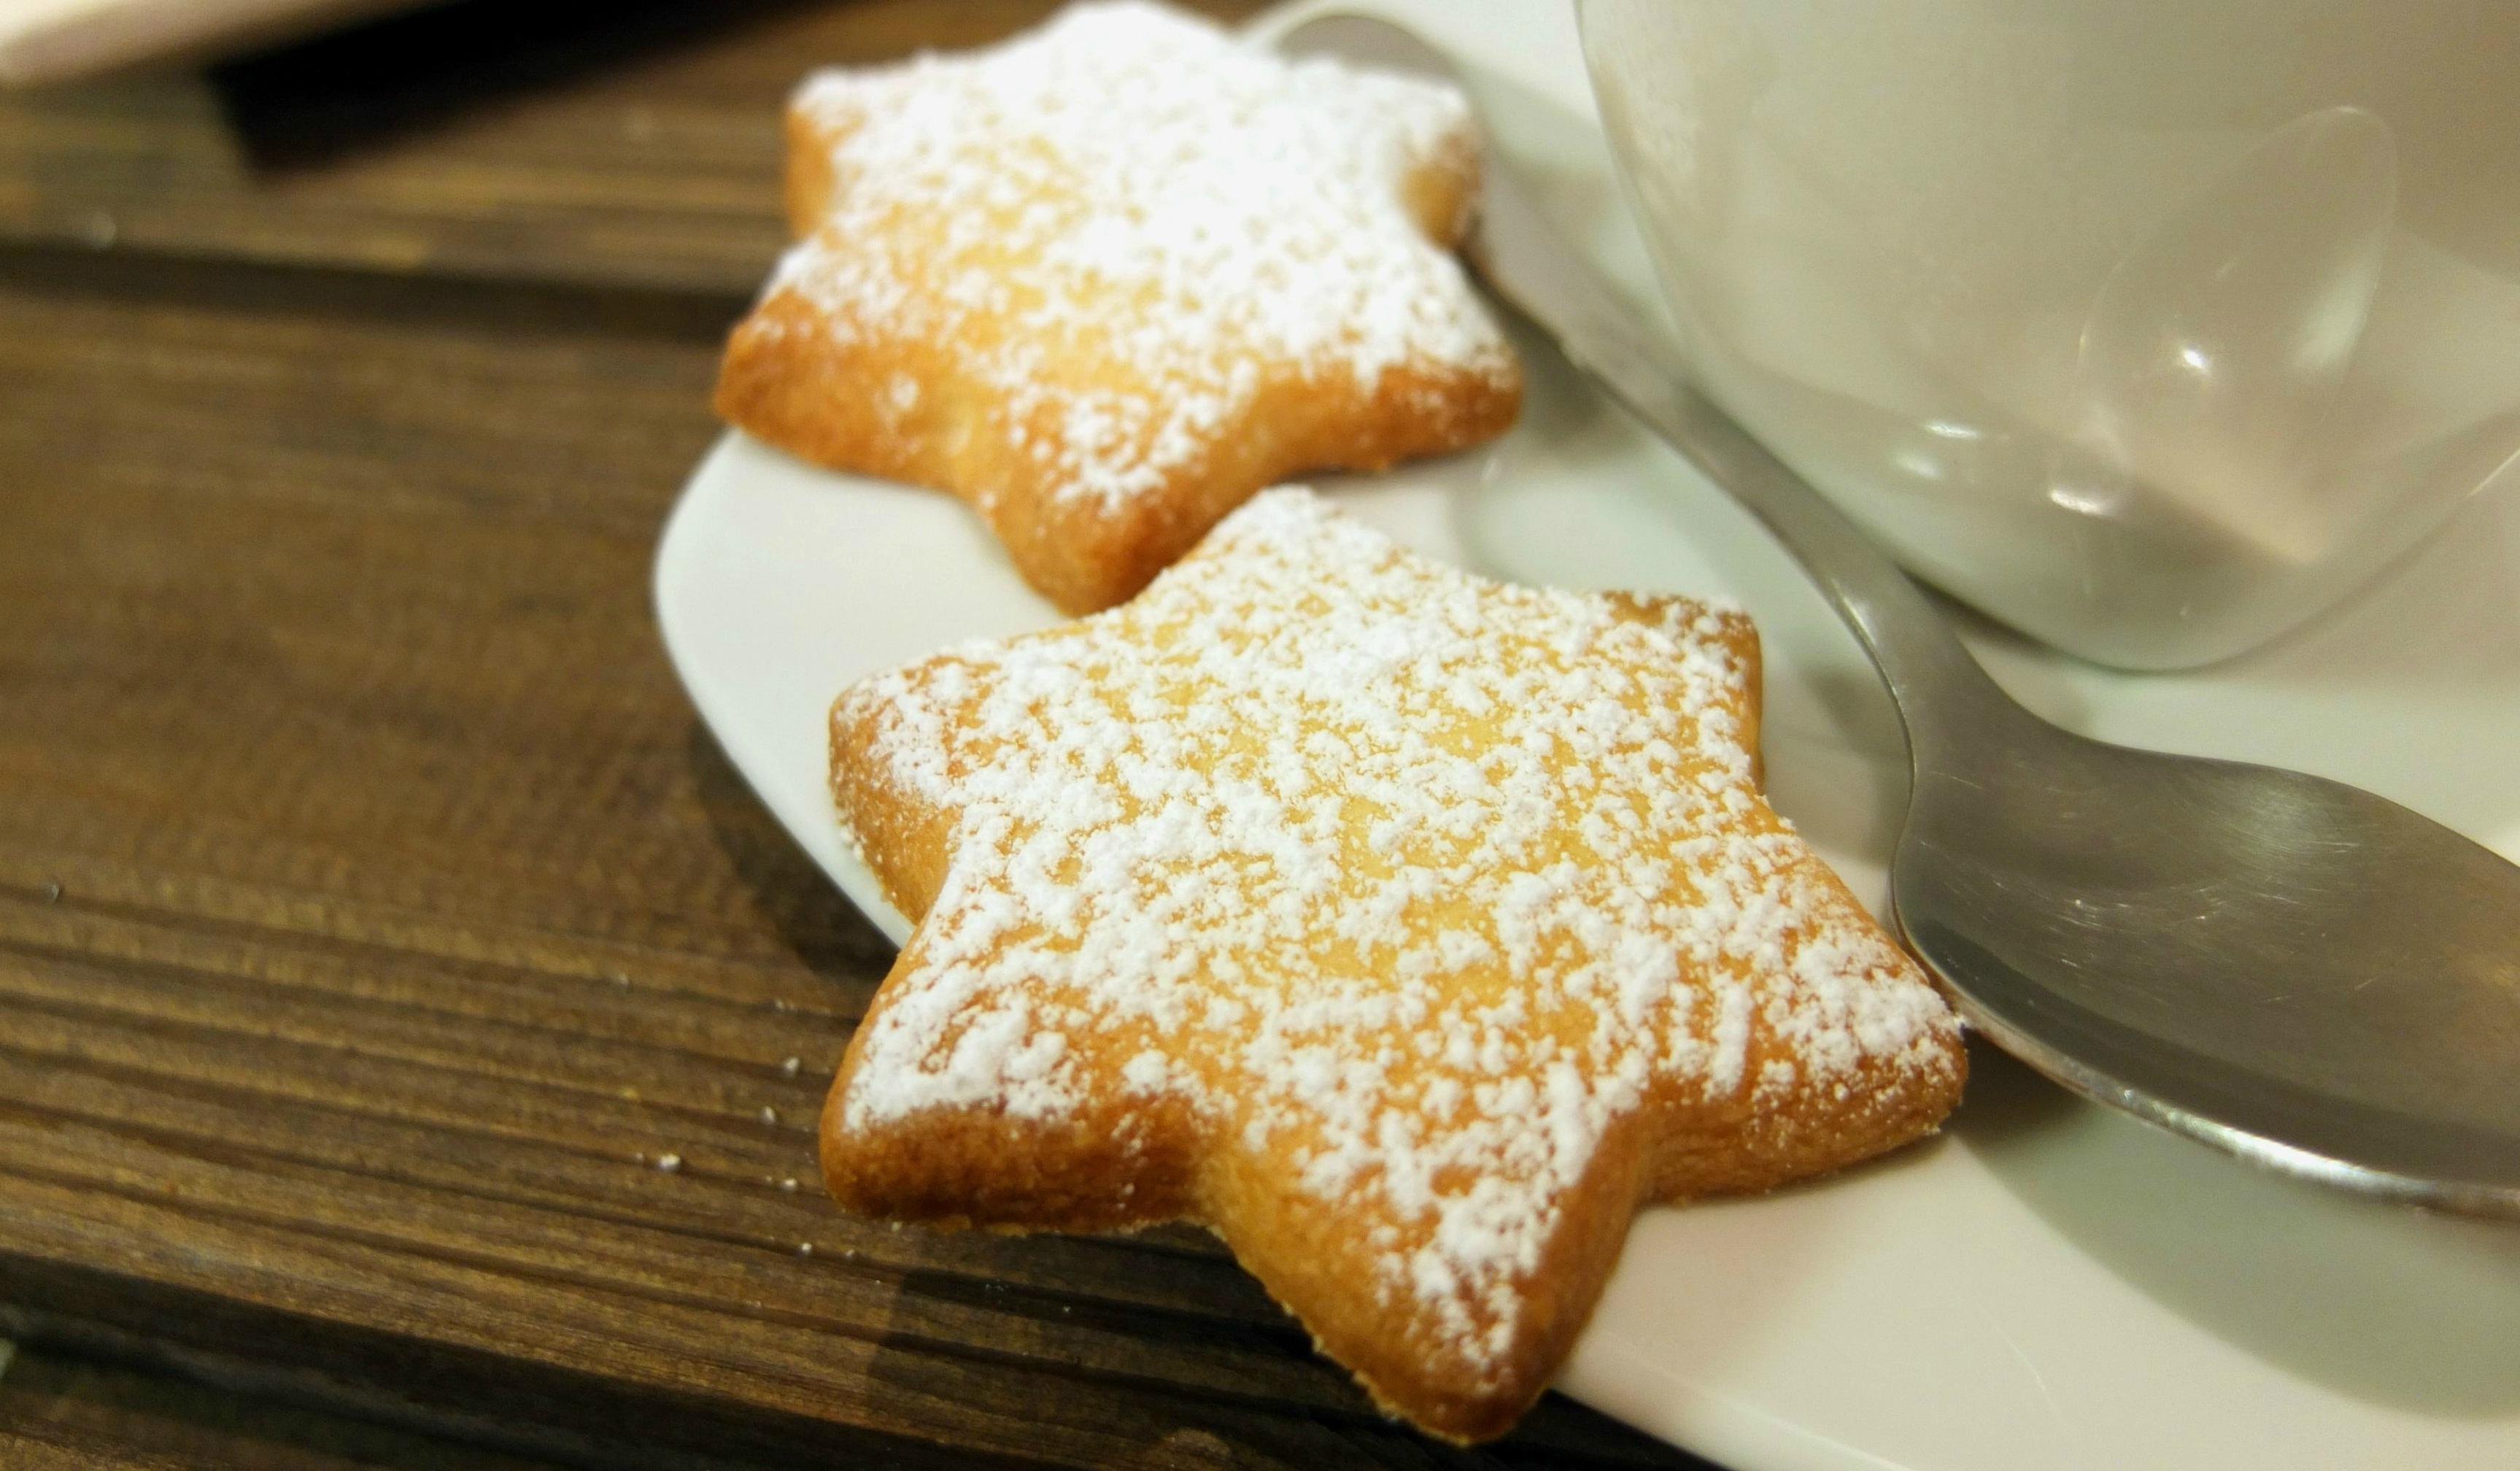 Recettes de biscuit sans gras sous forme d'étoiles pour Pâques